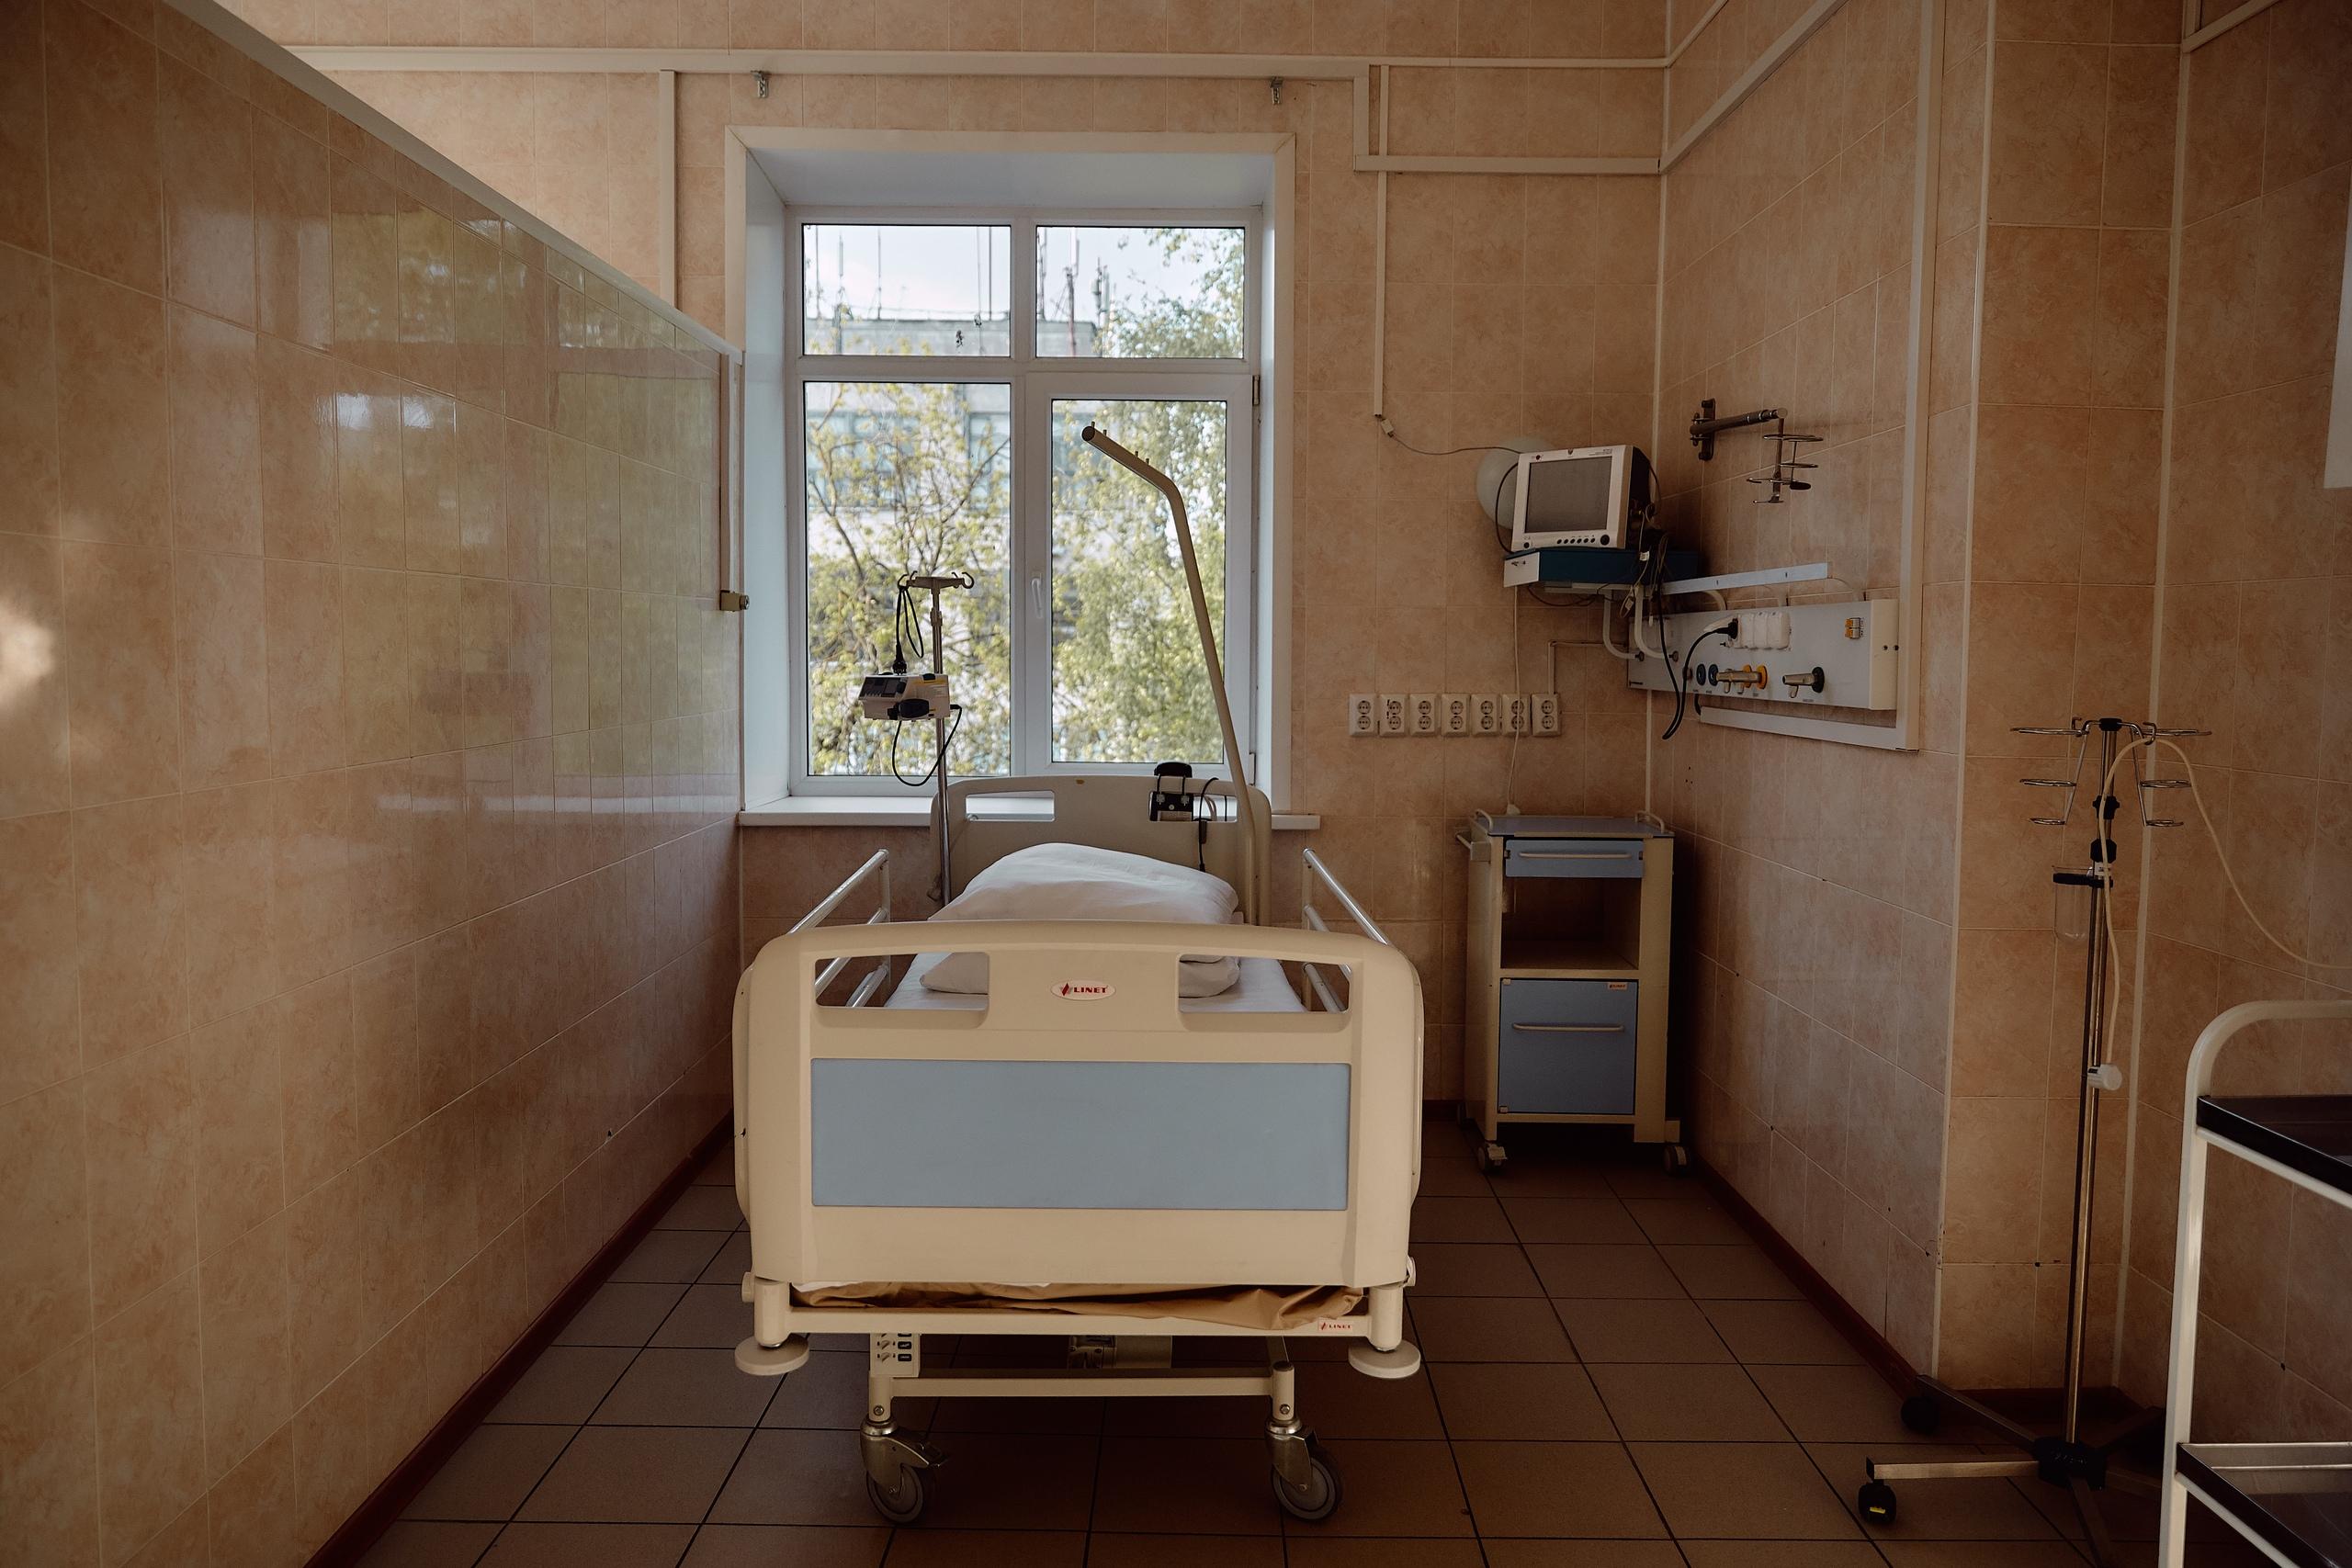 Новый инфекционный госпиталь для пациентов с коронавирусной инфекцией открыли в Твери